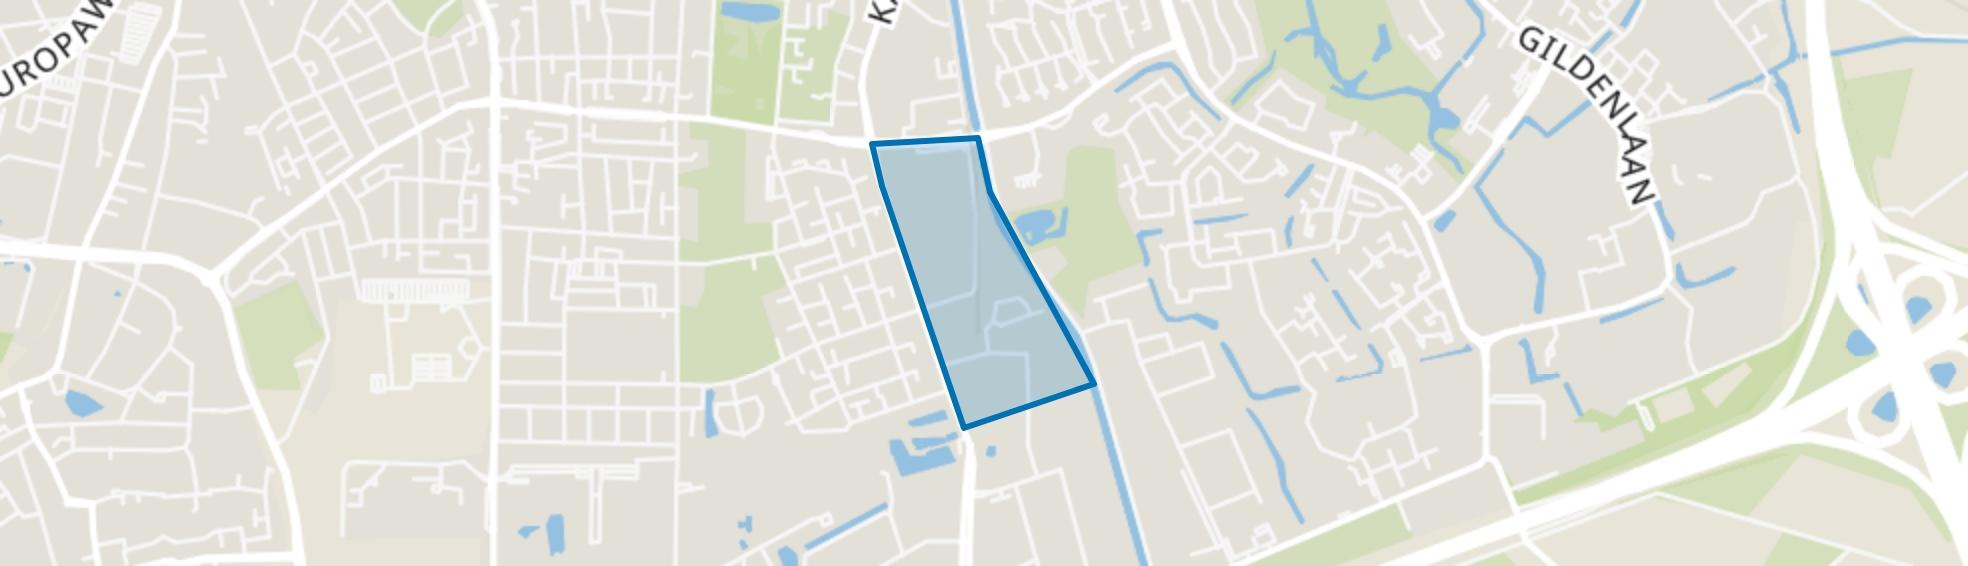 Kayersmolen-Midden, Apeldoorn map